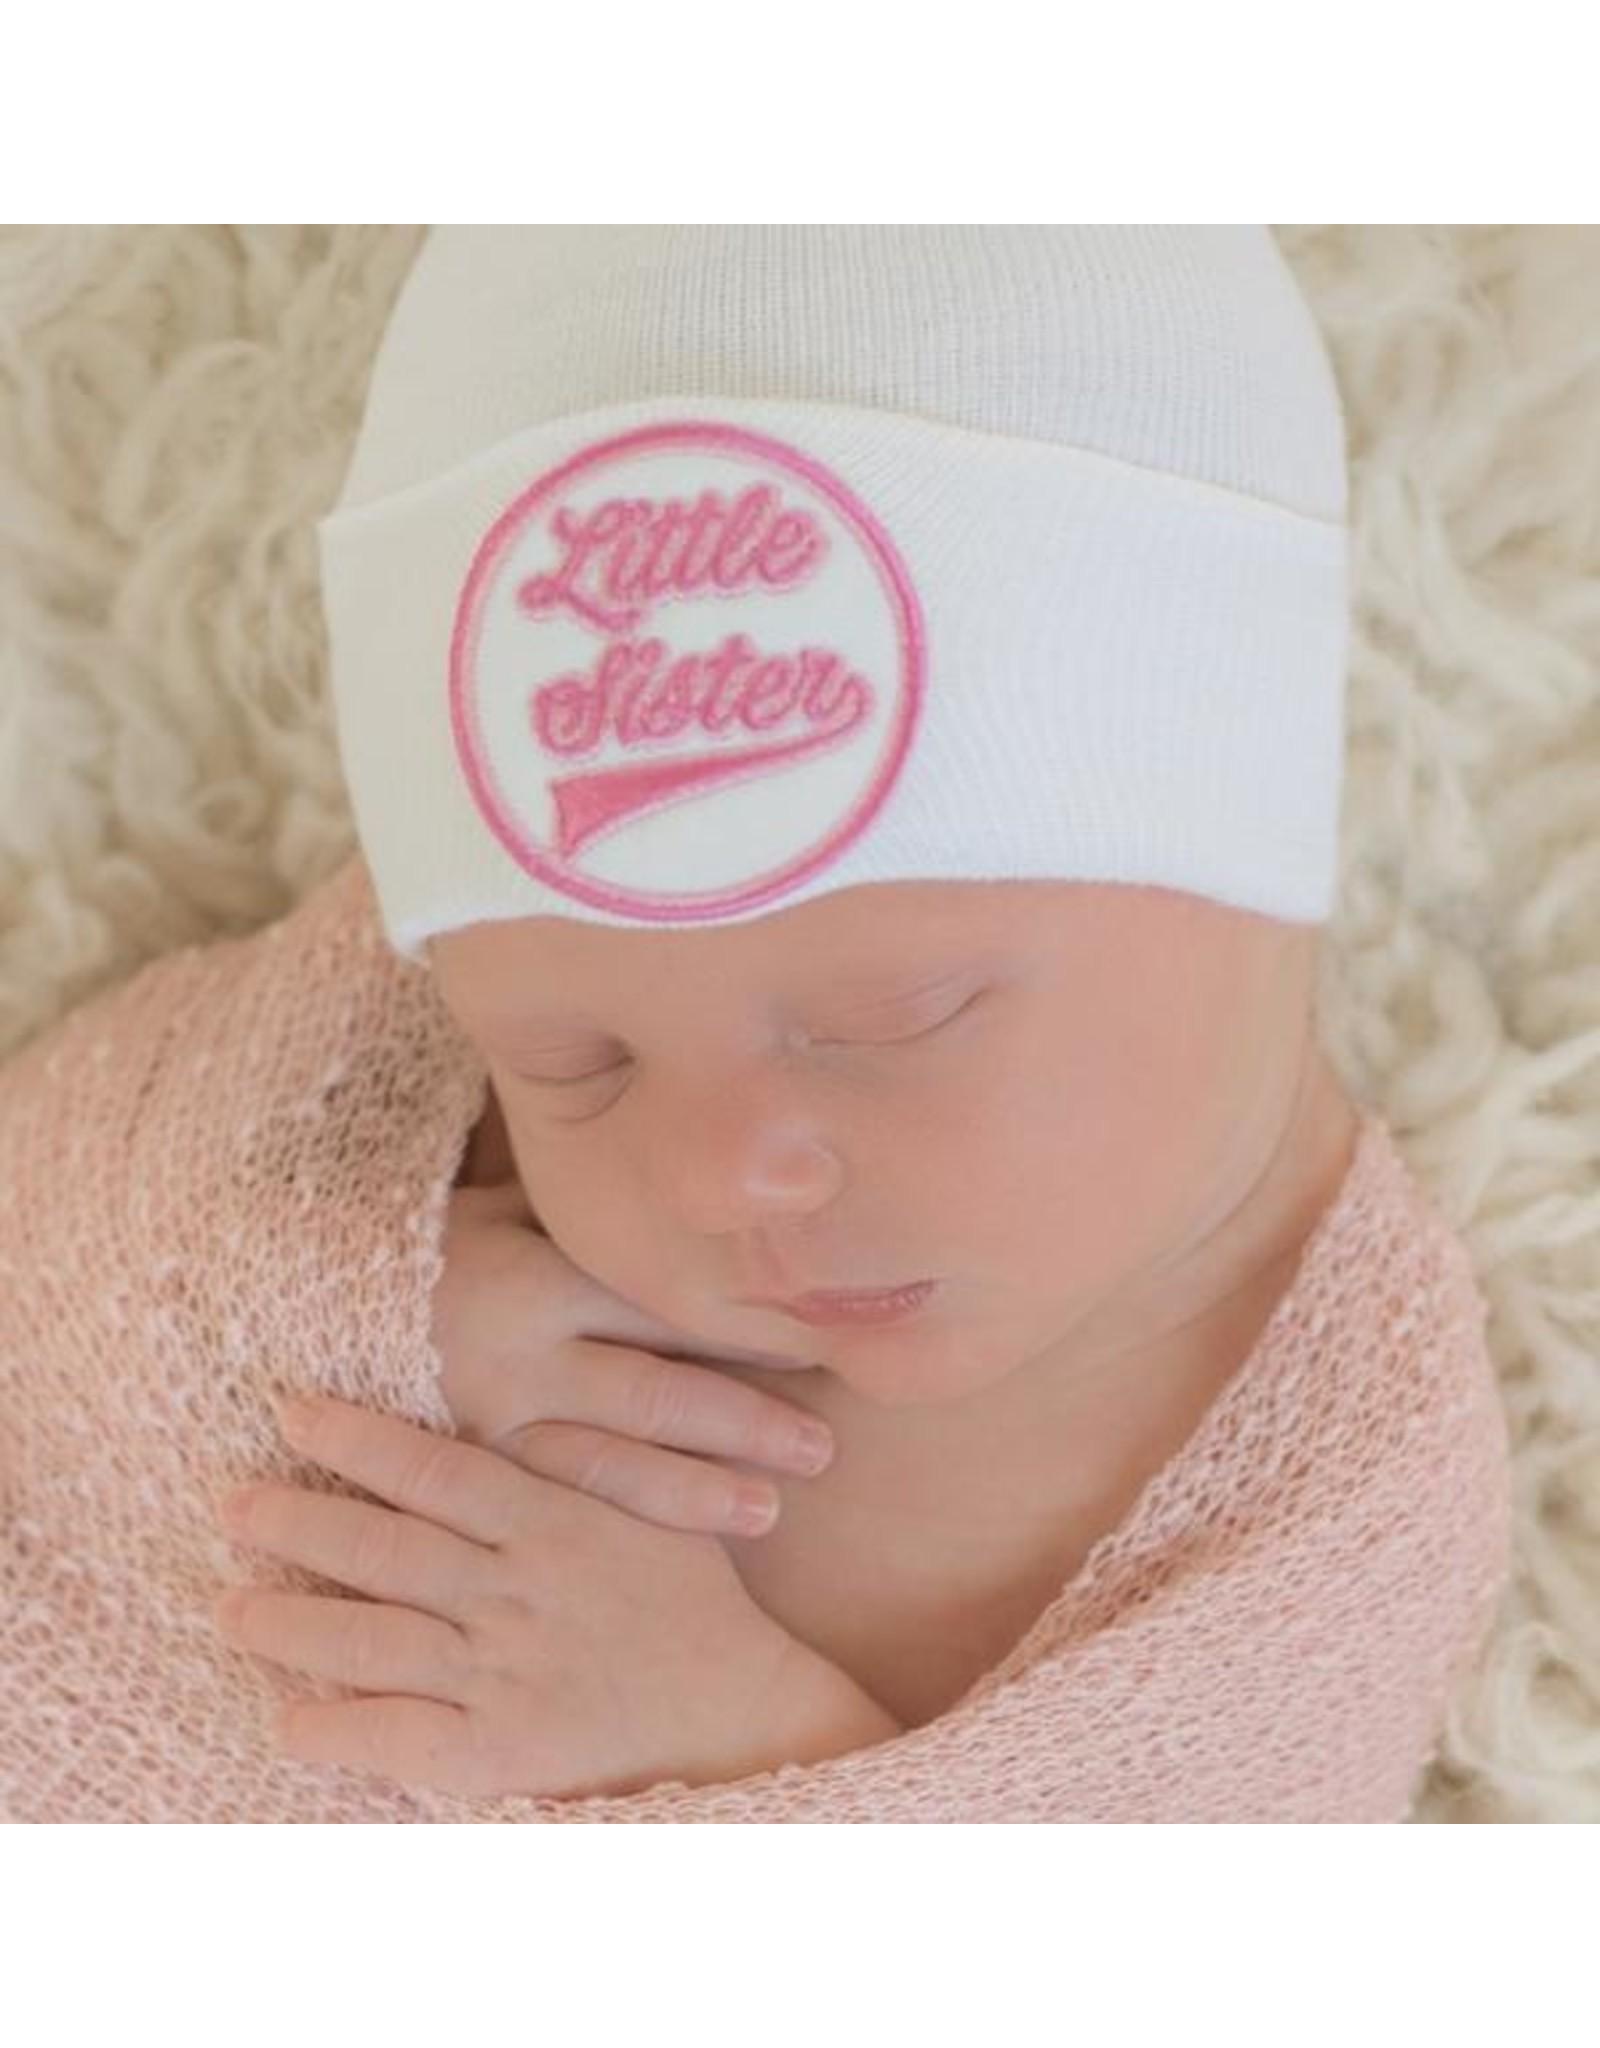 ILYBEAN Ilybean- All Star Little Sister Nursery Beanie